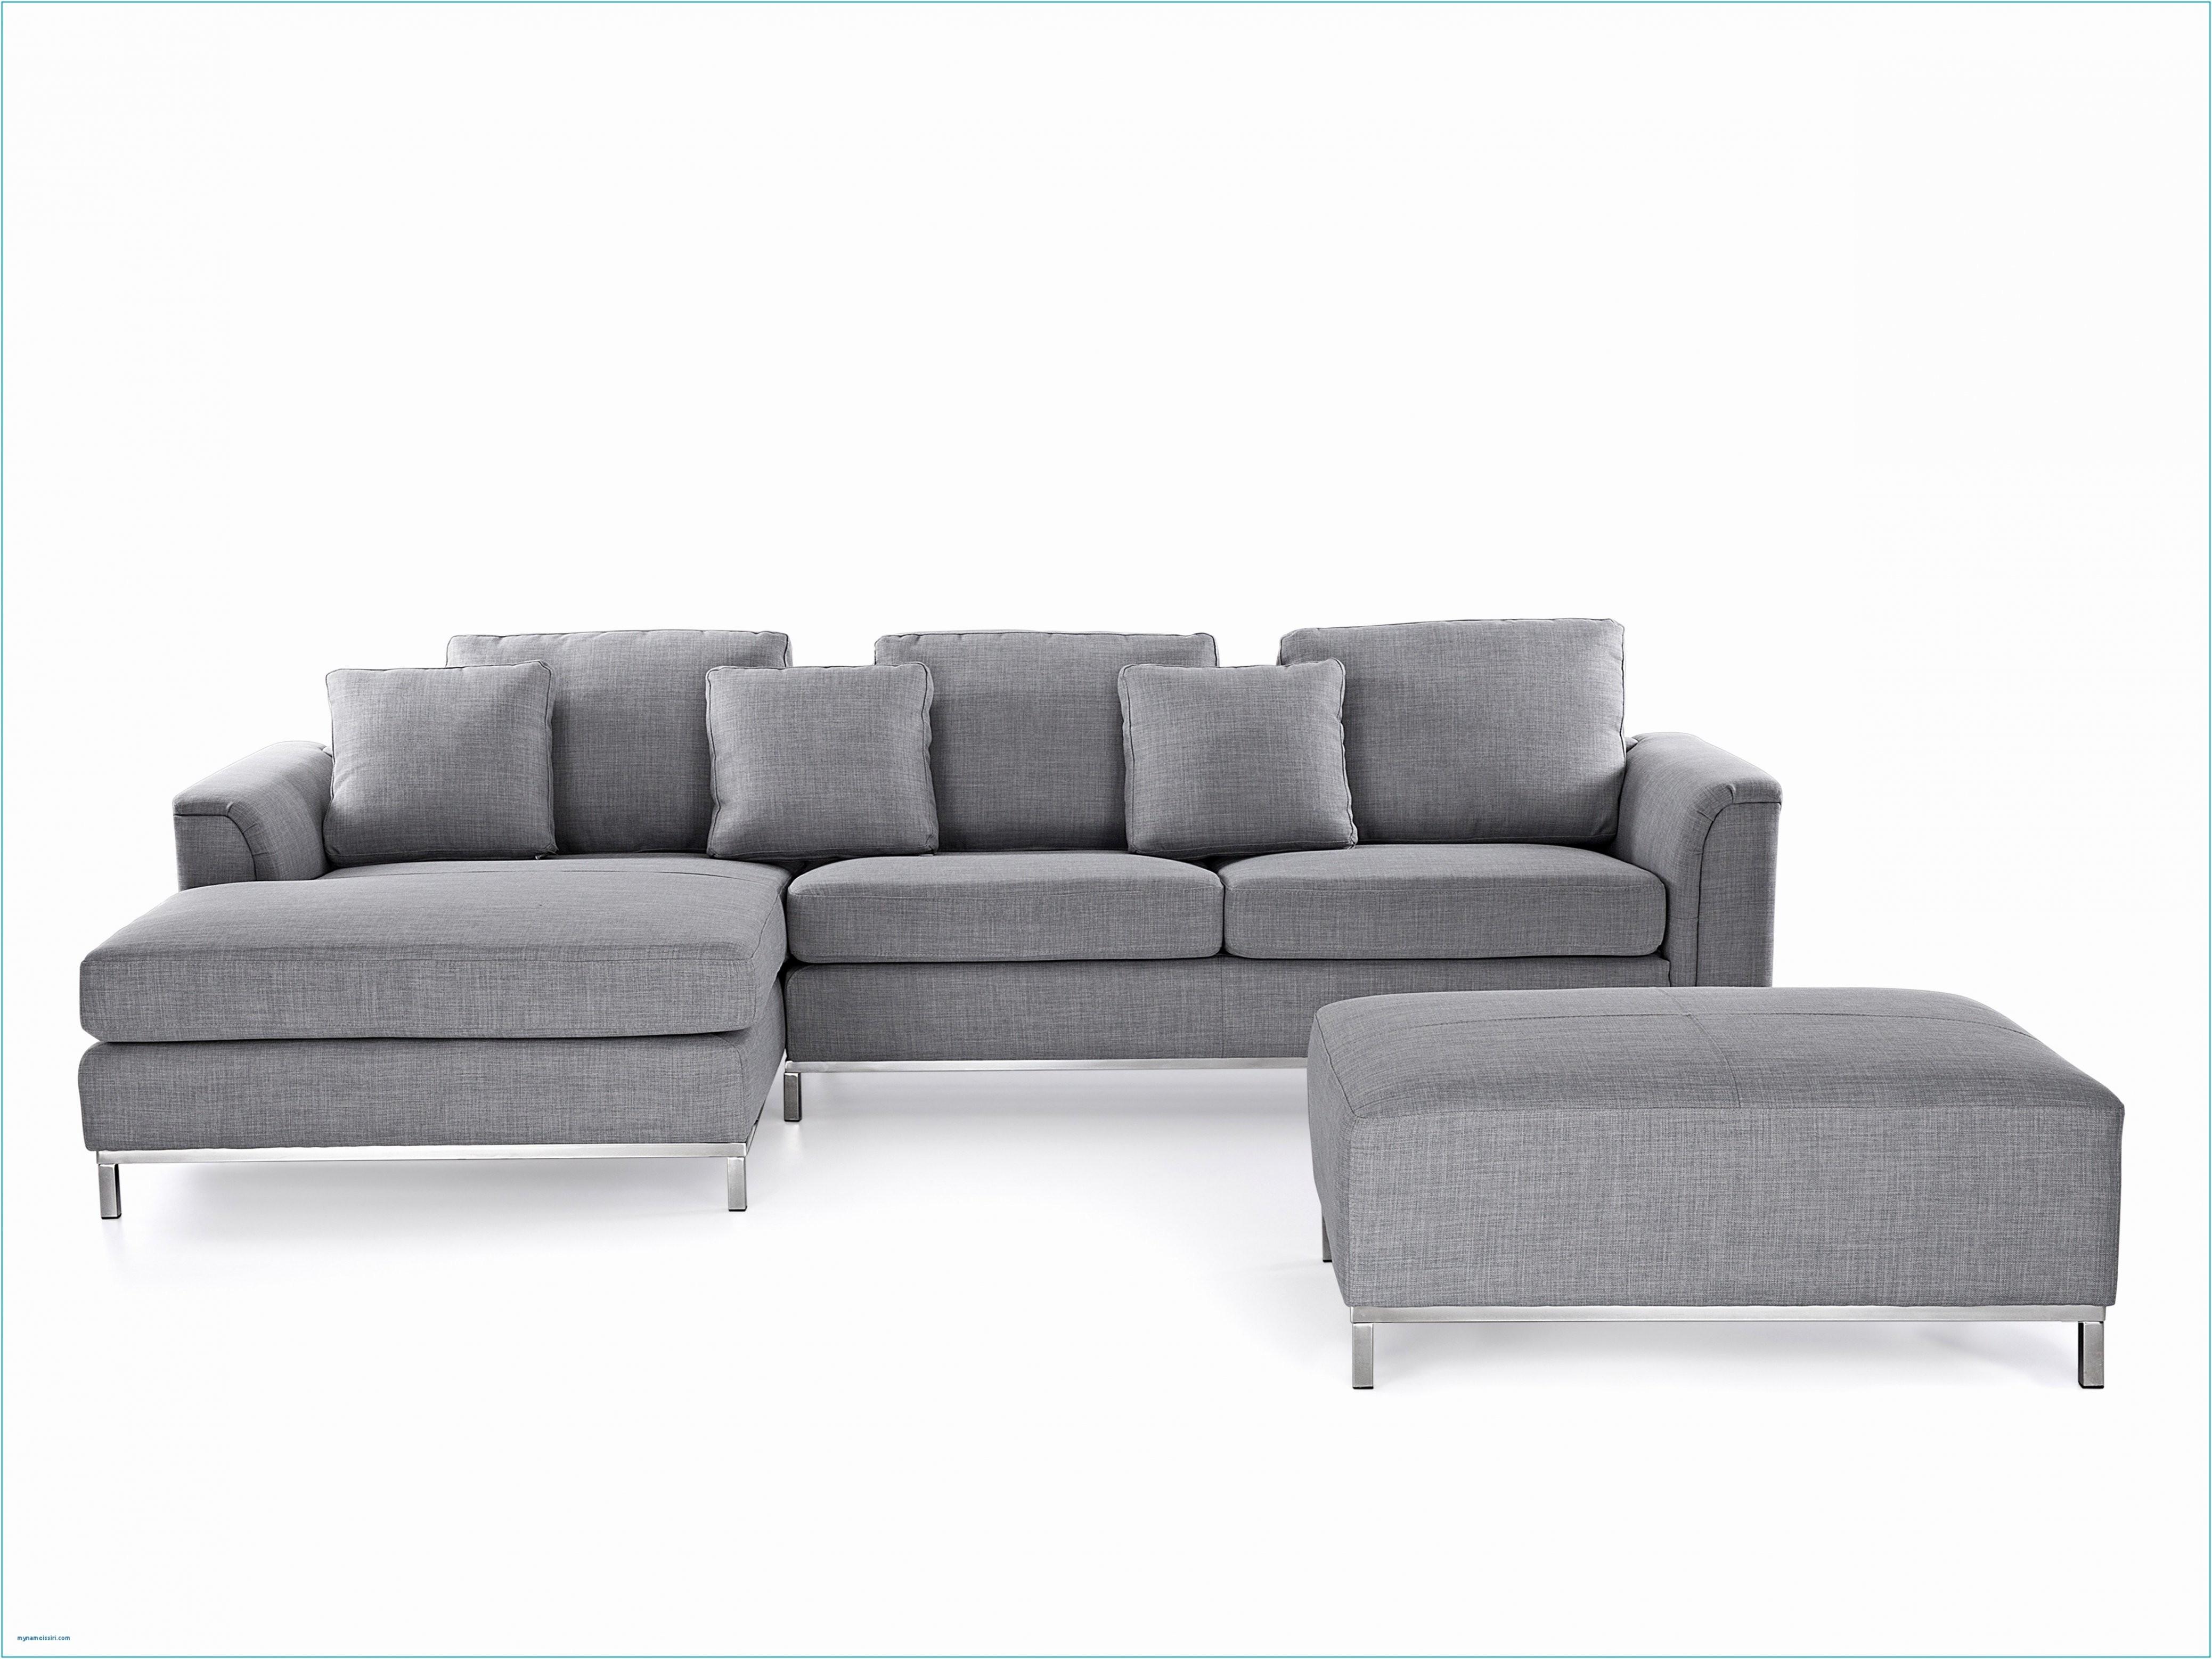 2 Sitzer Sofa Mit Recamiere Das Beste Von Rattan 2 Sitzer Amazing von 2 Sitzer Sofa Mit Recamiere Photo